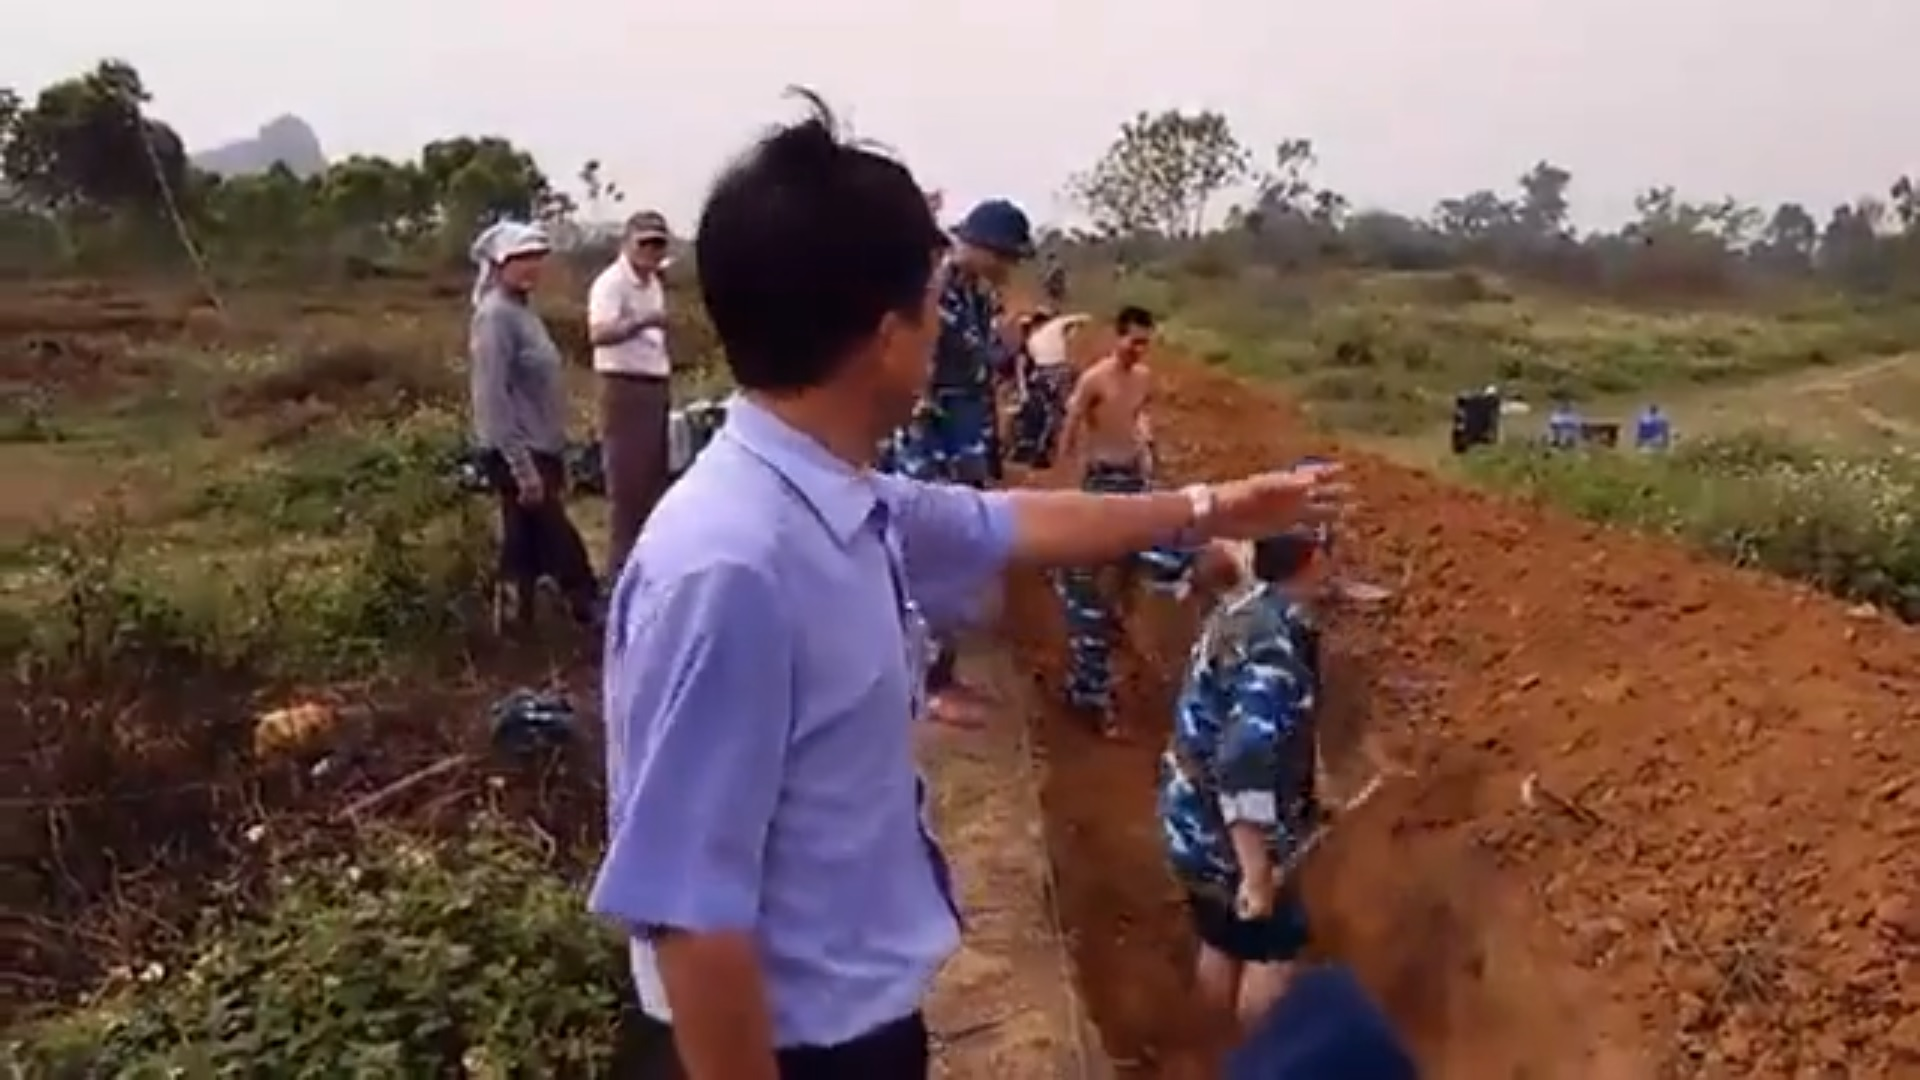 Quân đội CSVN bất ngờ rào lại đất theo ý dân làng Đồng Tâm